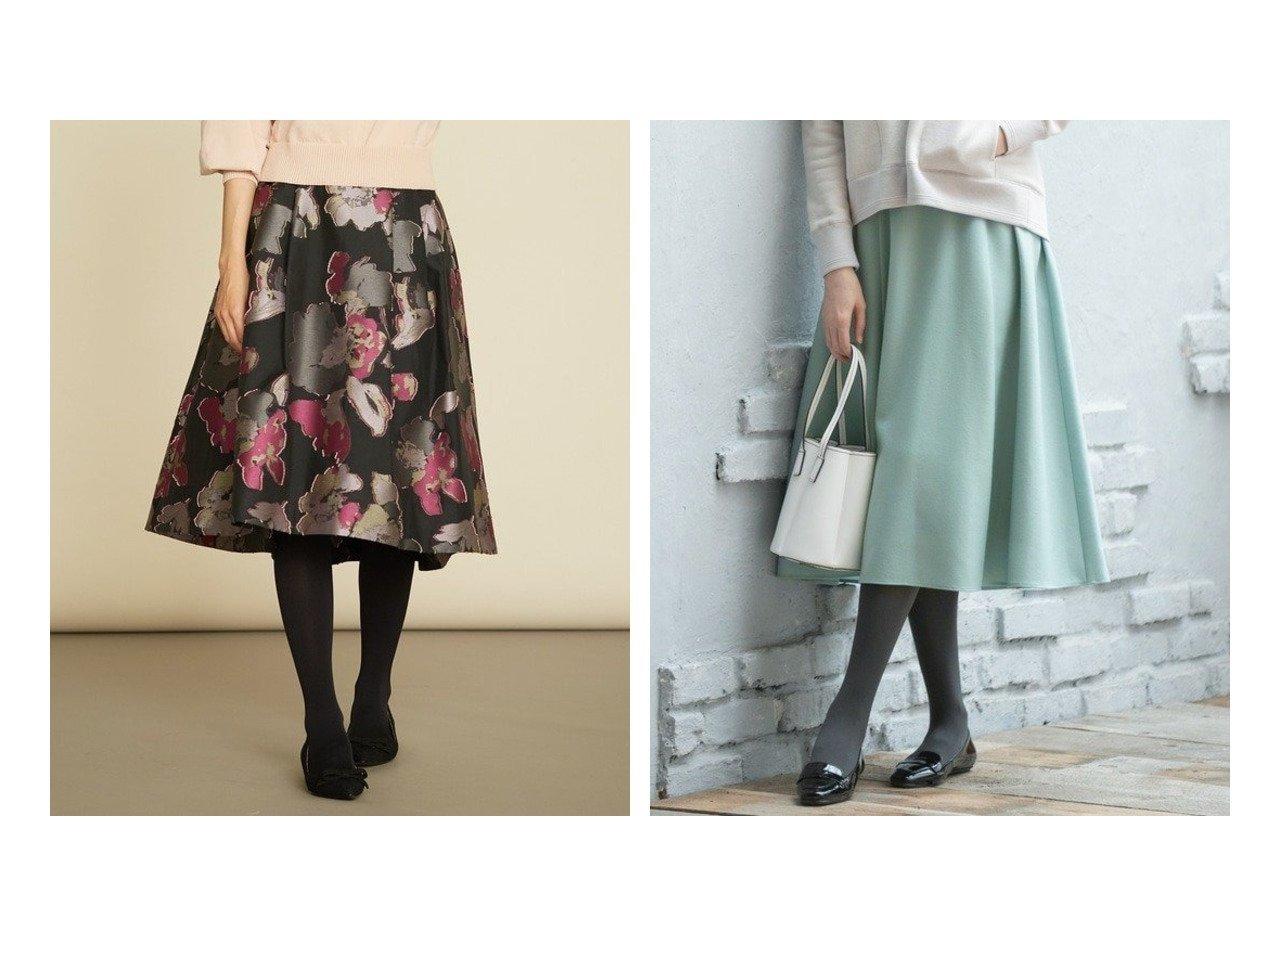 【KUMIKYOKU/組曲】のウールソフトジョーゼット フレアスカート&【Rythme KUMIKYOKU】フラワージャガード フレアスカート スカートのおすすめ!人気、レディースファッションの通販 おすすめで人気のファッション通販商品 インテリア・家具・キッズファッション・メンズファッション・レディースファッション・服の通販 founy(ファニー) https://founy.com/ ファッション Fashion レディース WOMEN スカート Skirt Aライン/フレアスカート Flared A-Line Skirts オケージョン コレクション ジャカード フォルム フレア フレアースカート ヘムライン 秋冬 A/W Autumn/ Winter  ID:crp329100000000983